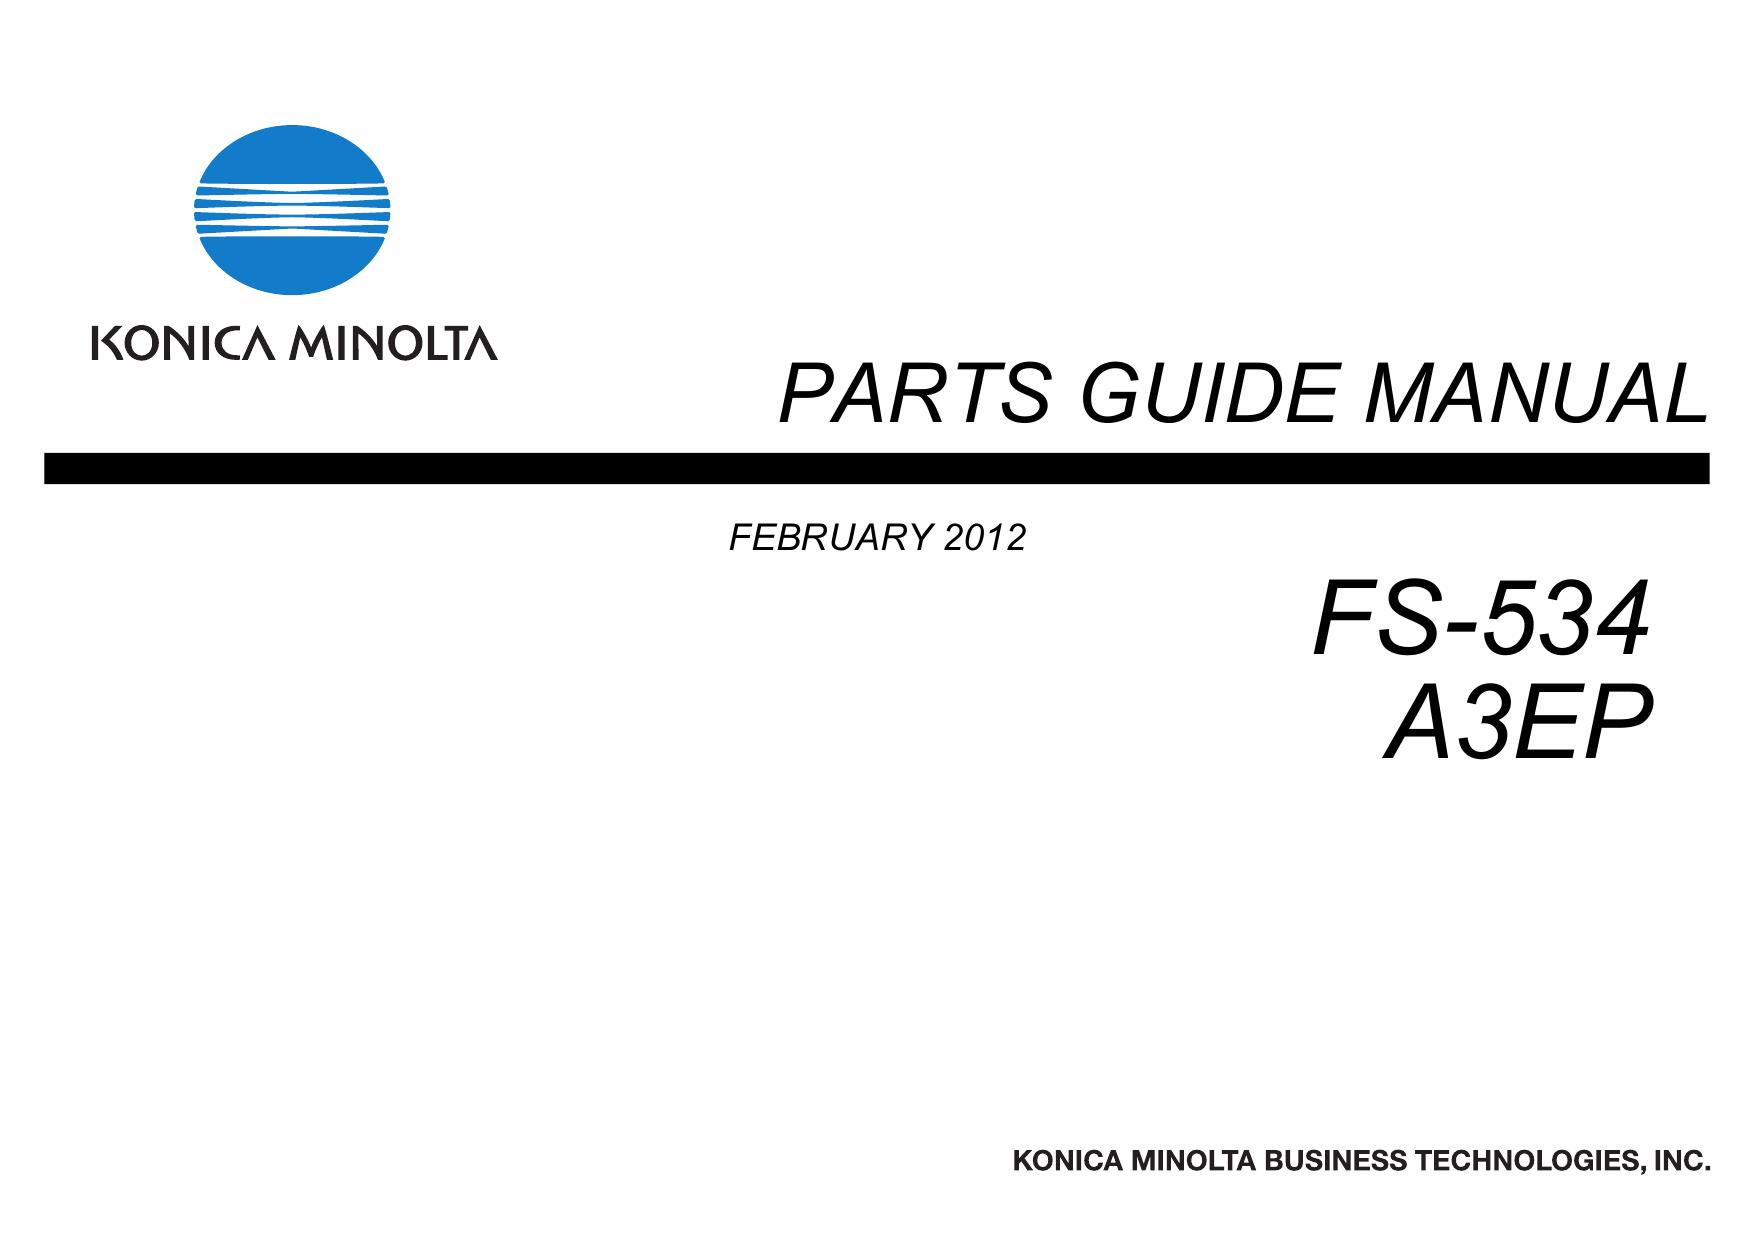 Konica-Minolta Options FS-534 A3EP Parts Manual